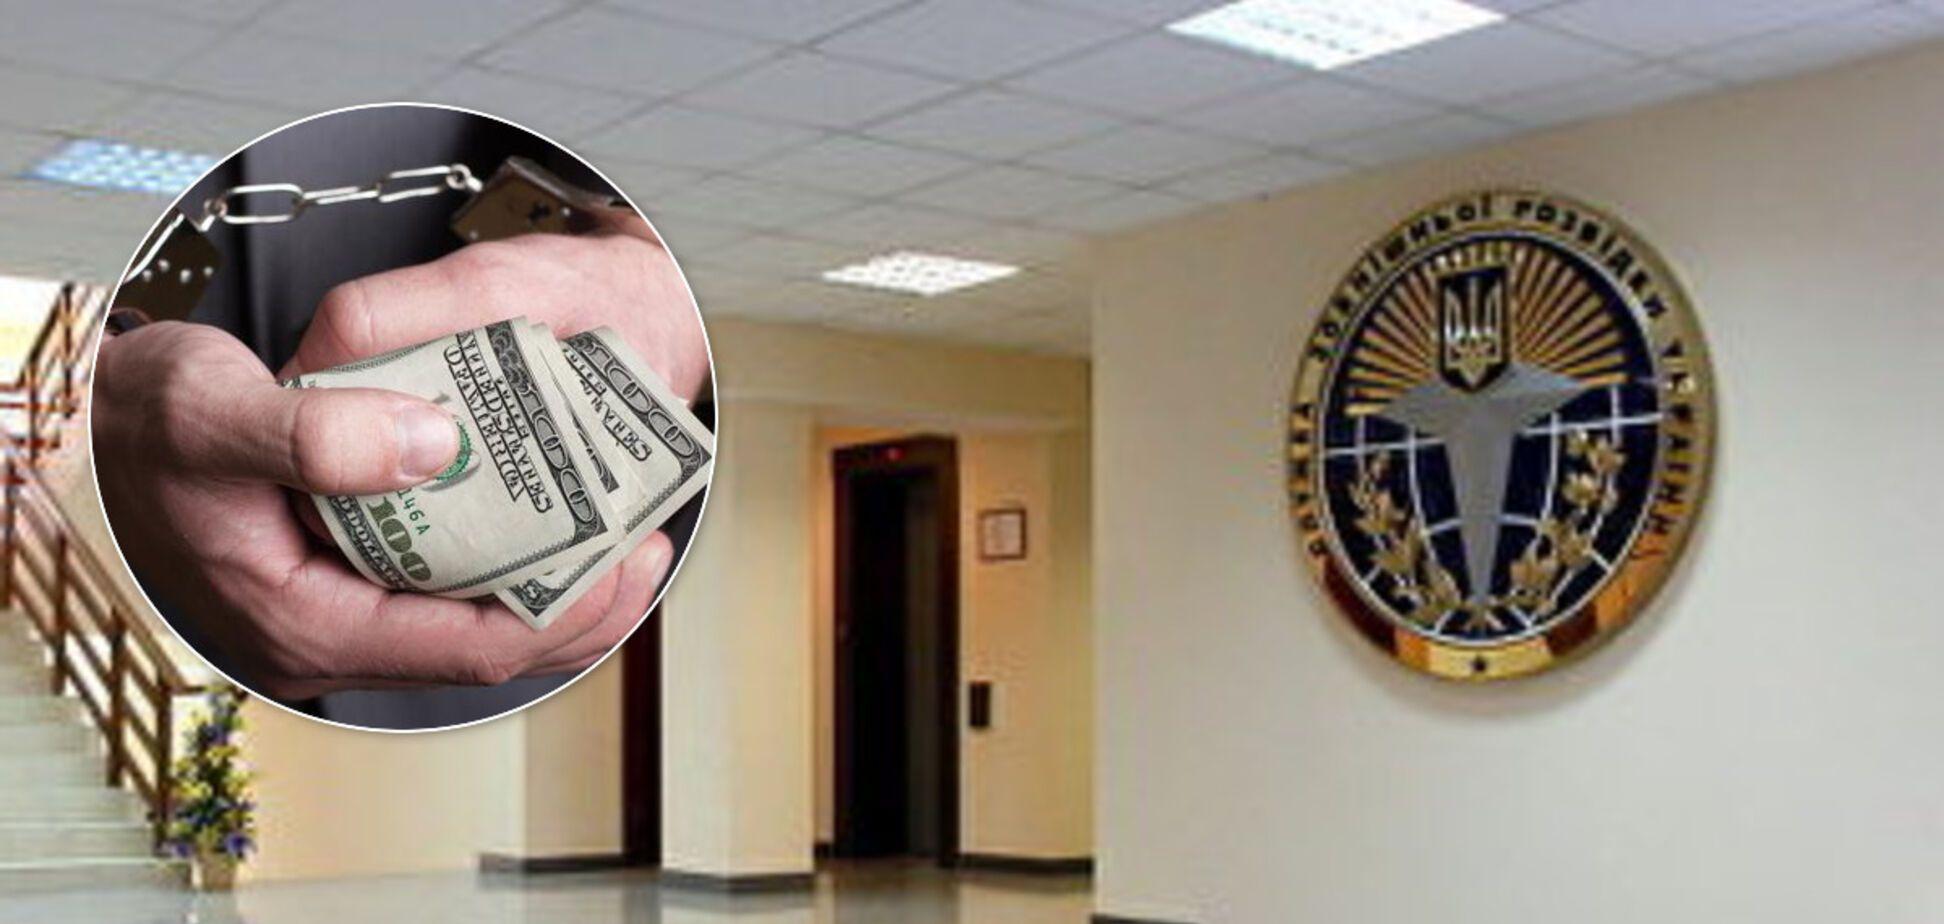 Топрозвідники України вкрали у бюджету мільйони гривень – НАБУ